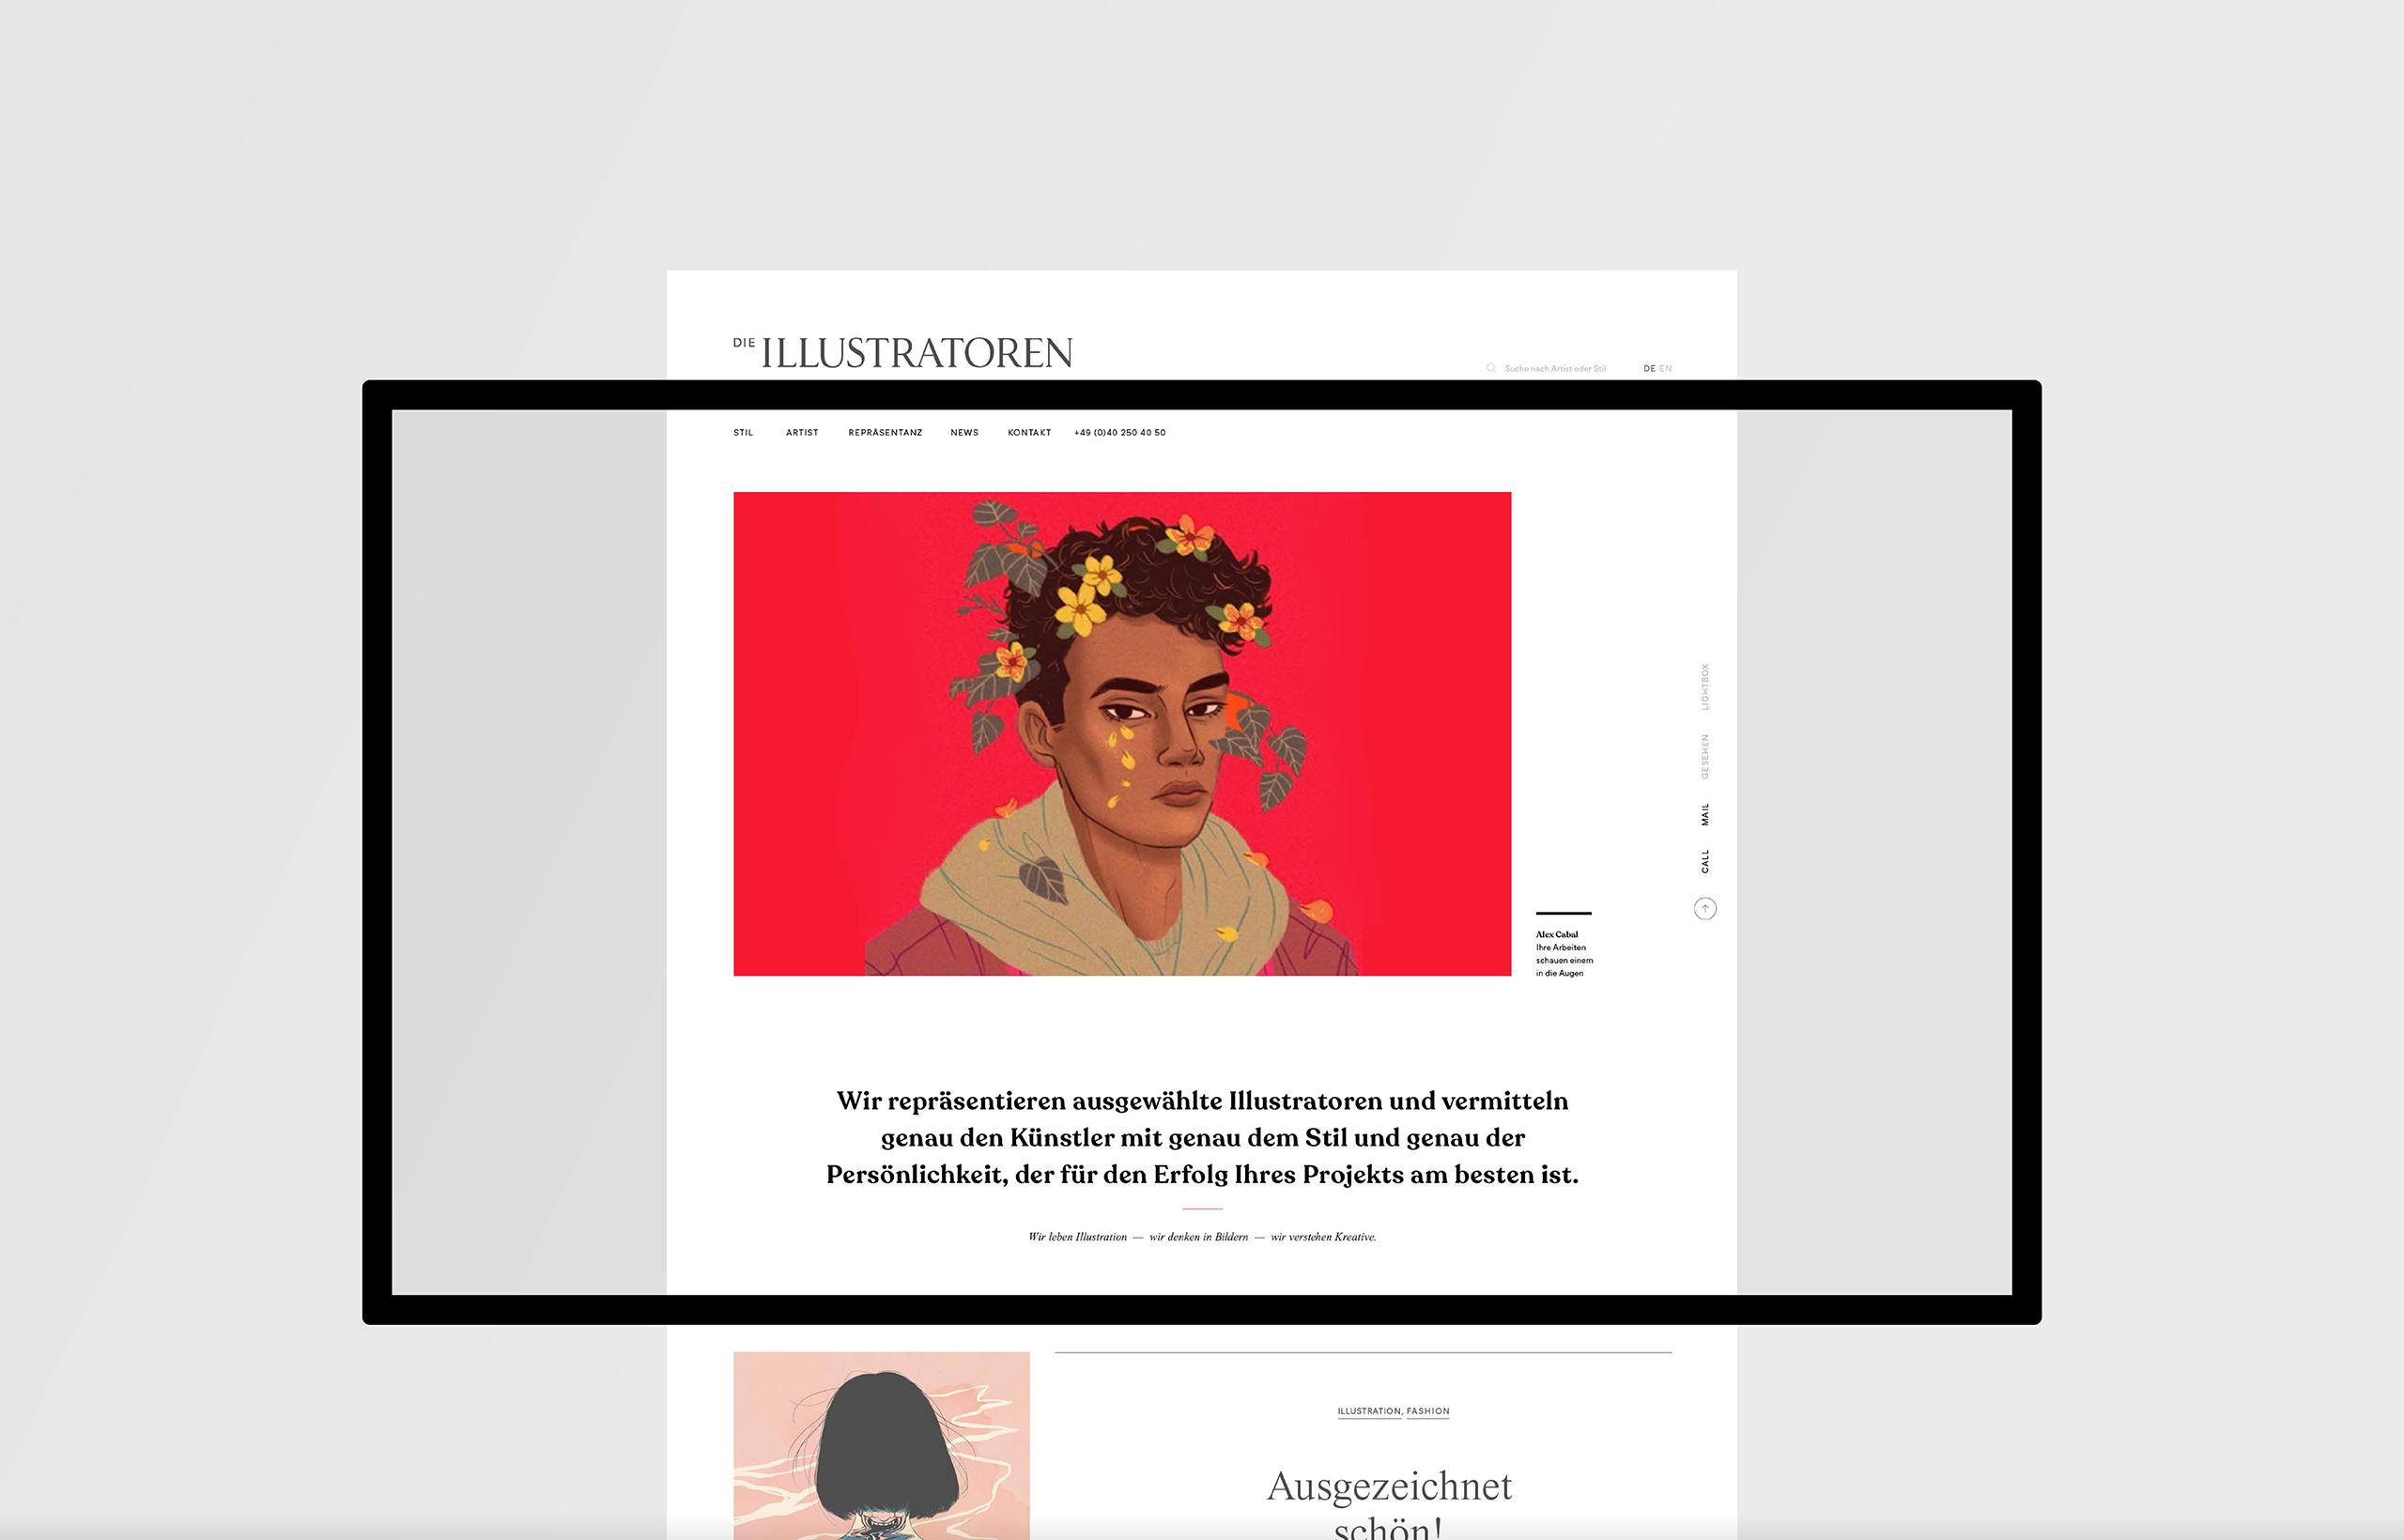 Illustratoren.de